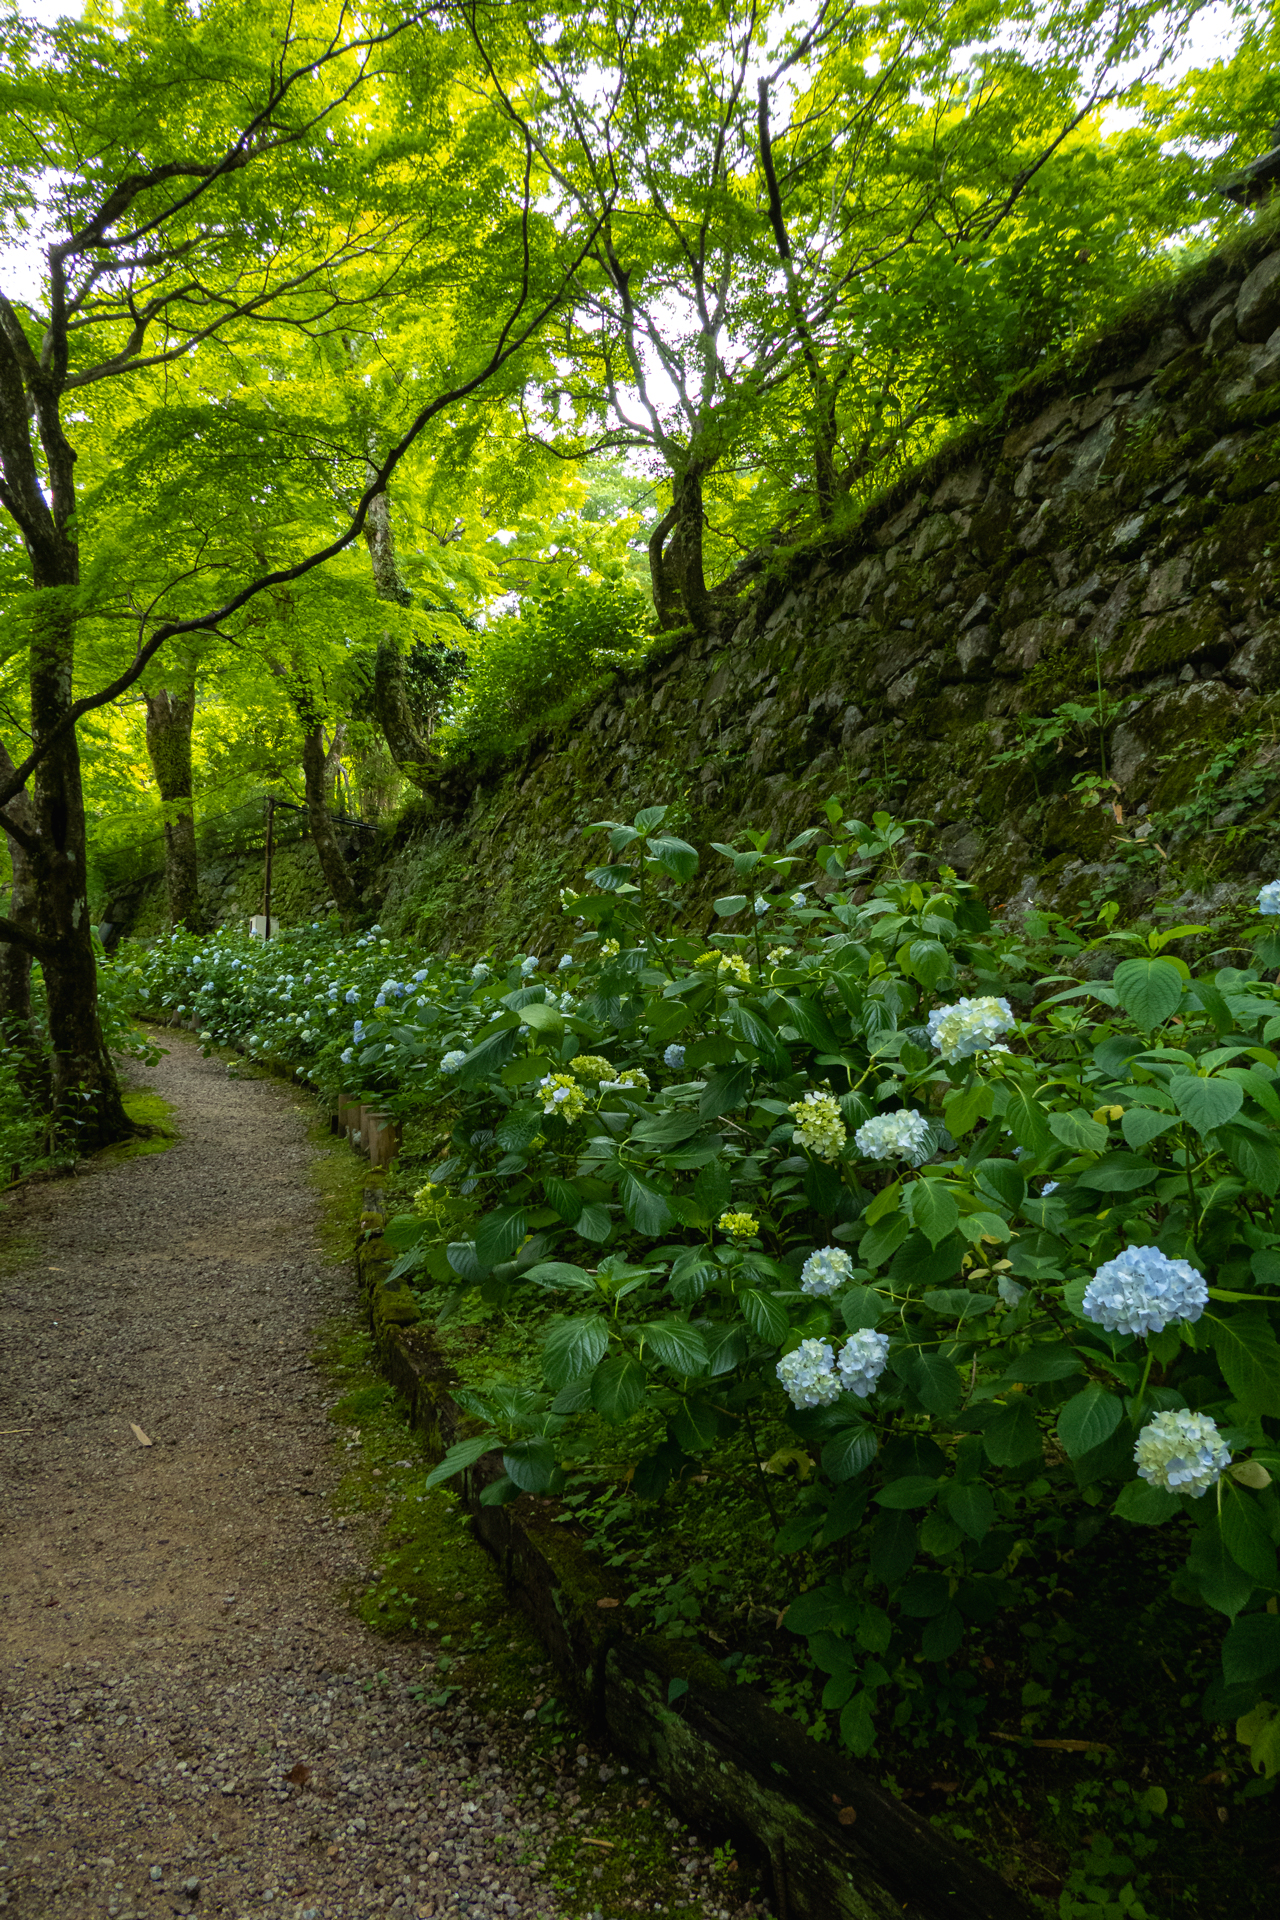 P1001249 奈良県  談山神社(あじさいと新緑の景色が美しい初夏におすすめのスポット! 写真の紹介、アクセス情報や駐車場情報など)